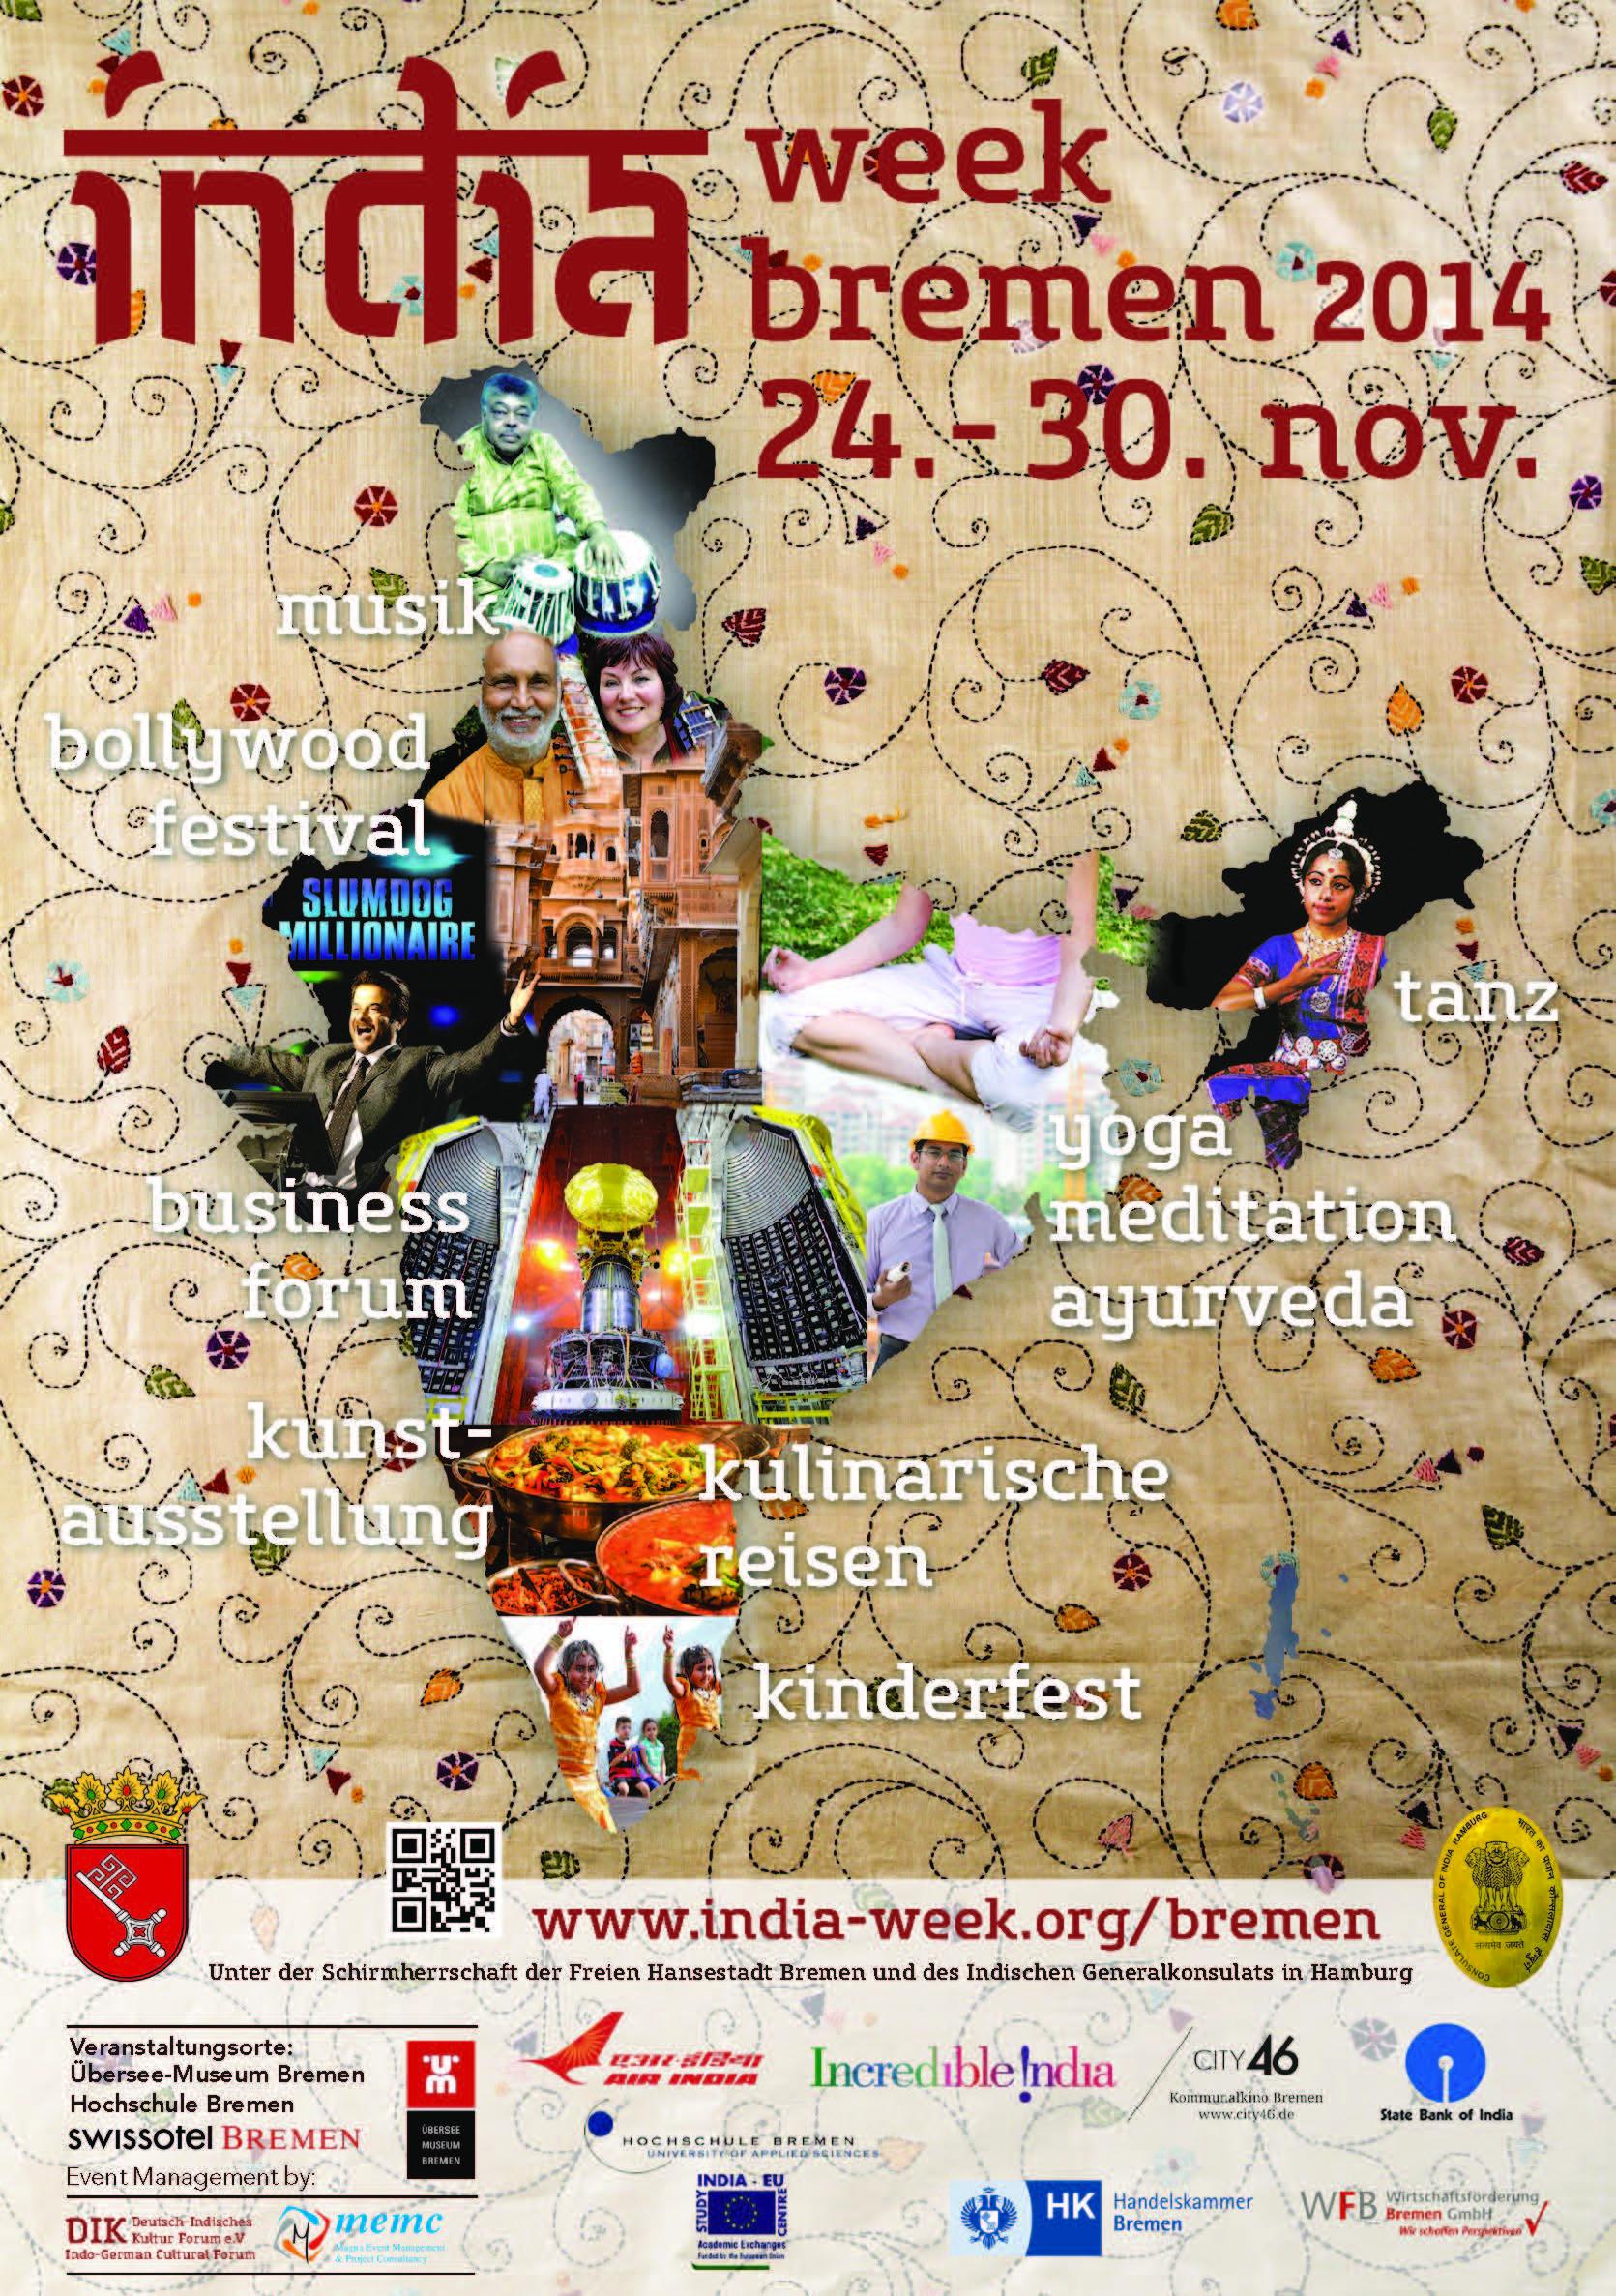 24.-30. November 2014, Indische Woche in Bremen Seite 1